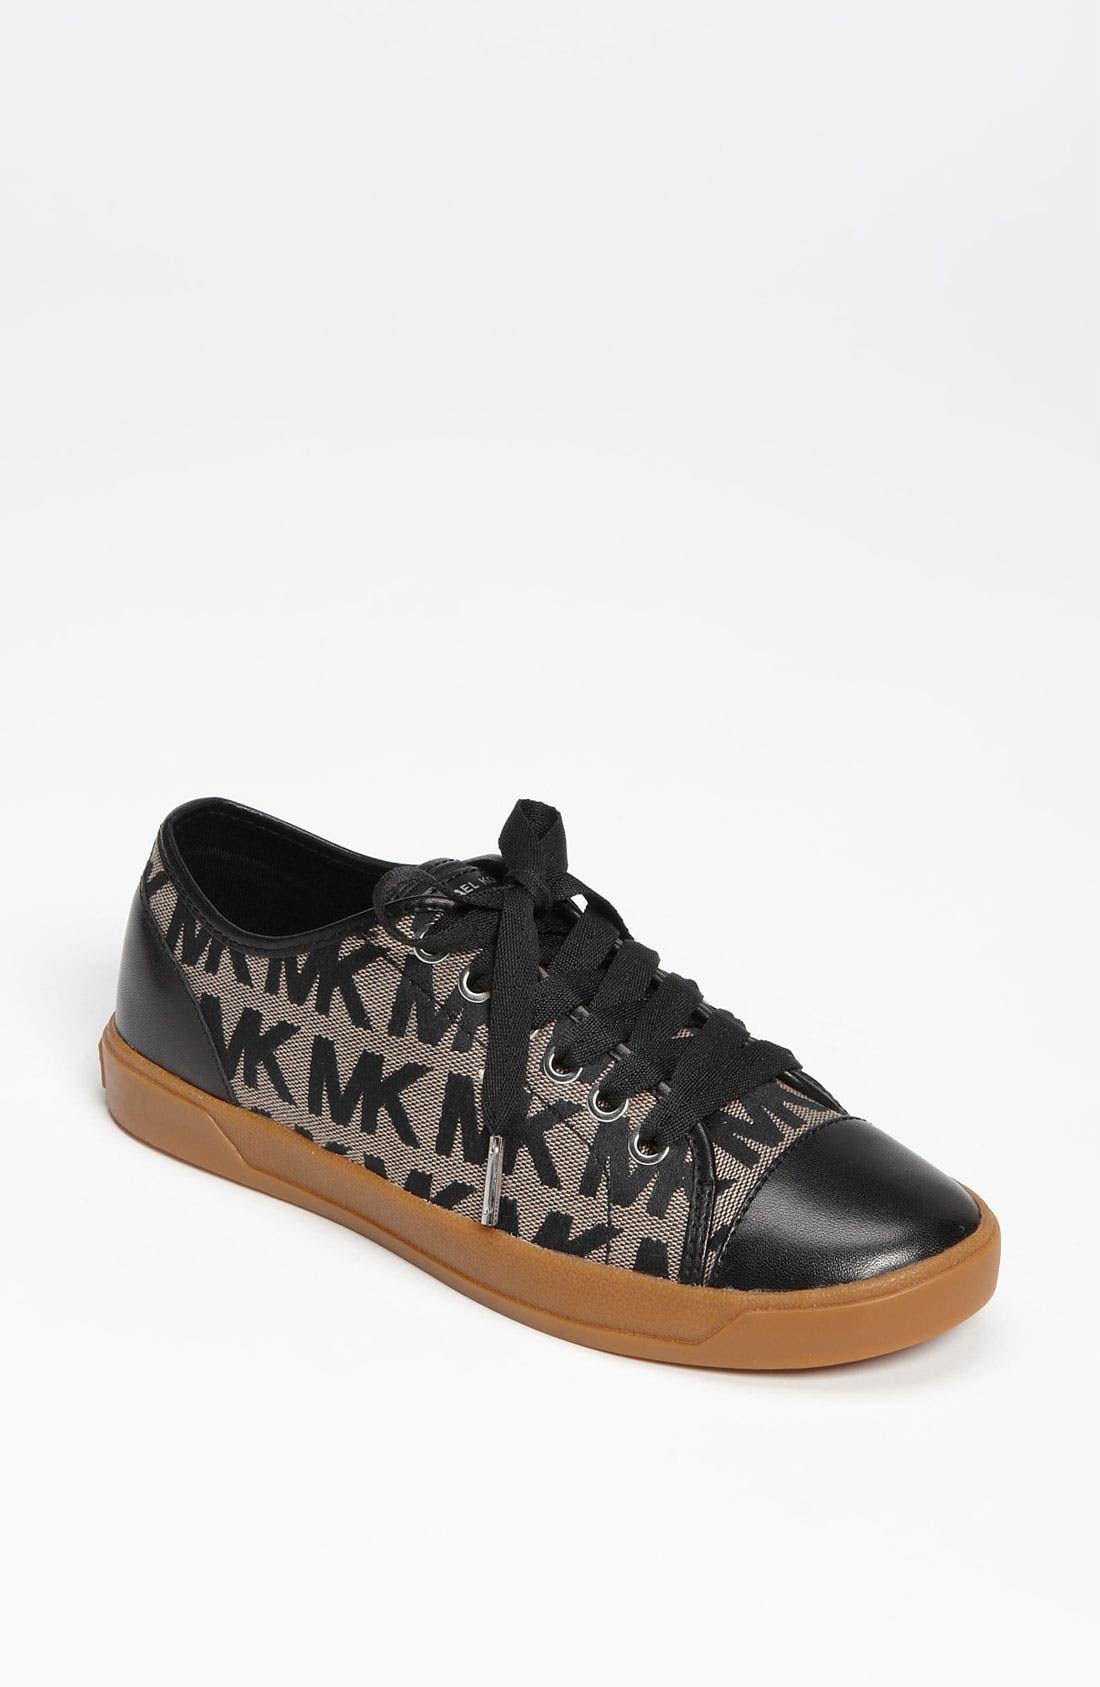 Main Image - MICHAEL Michael Kors 'City' Sneaker